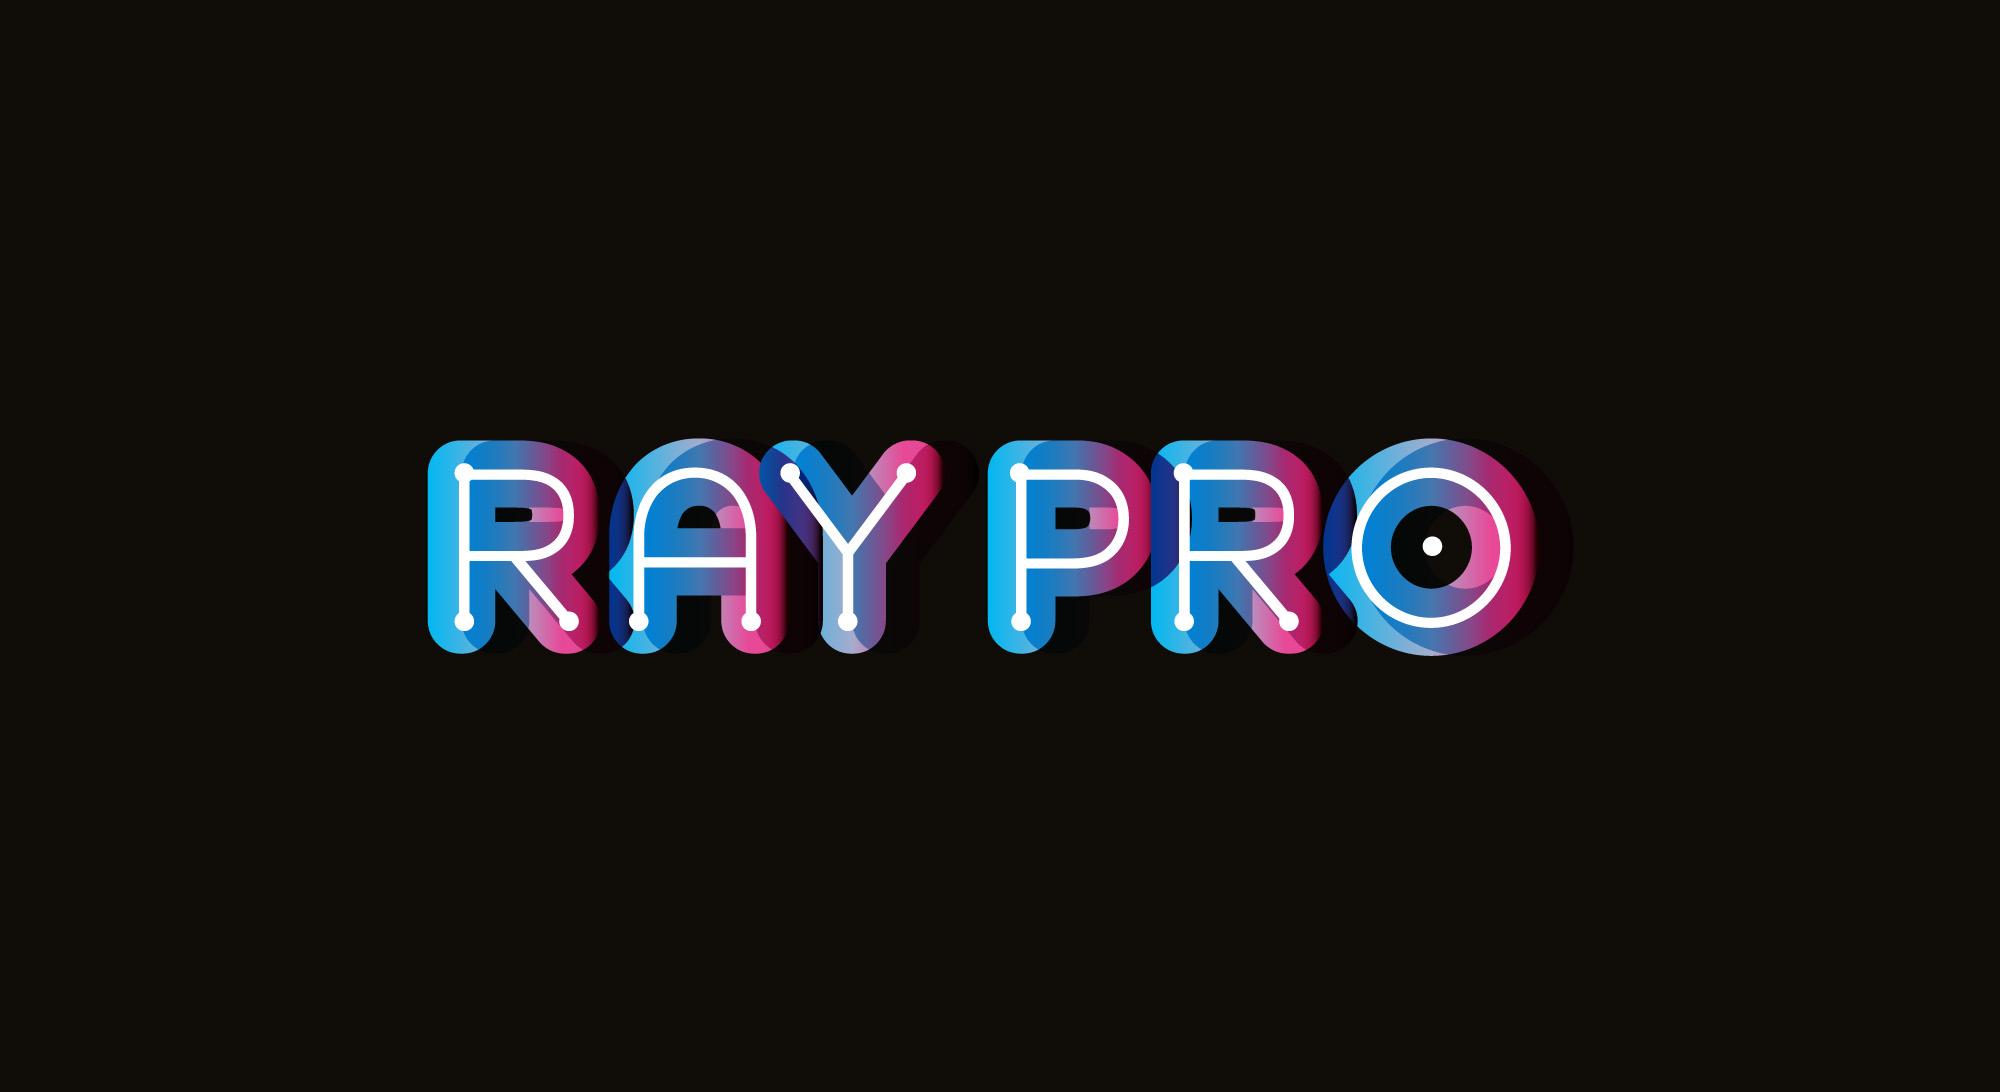 Разработка логотипа (продукт - светодиодная лента) фото f_6765bc0d44f96085.jpg